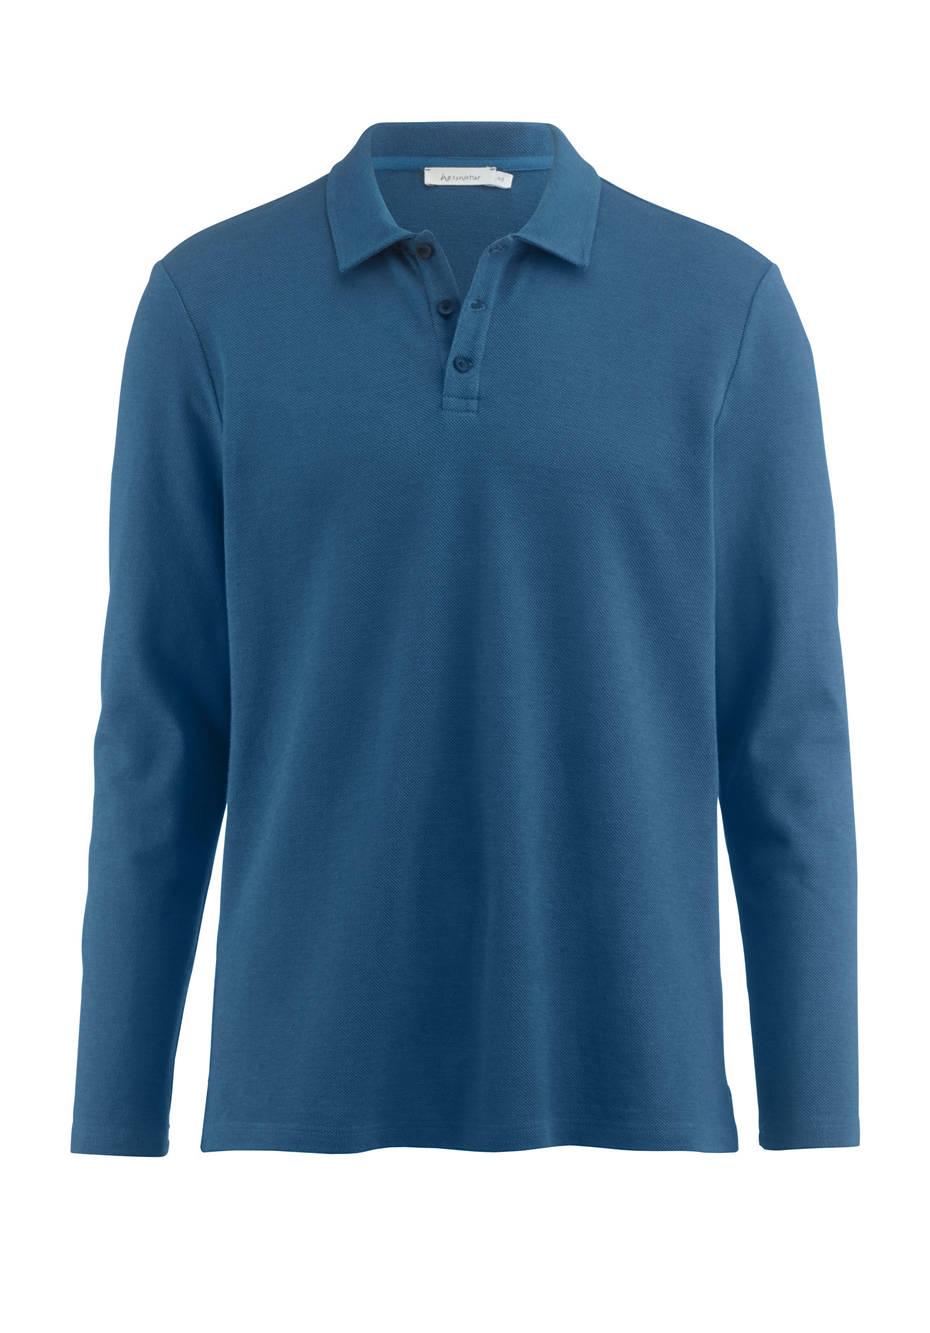 Langarm Poloshirt aus Leinen mit Bio-Baumwolle